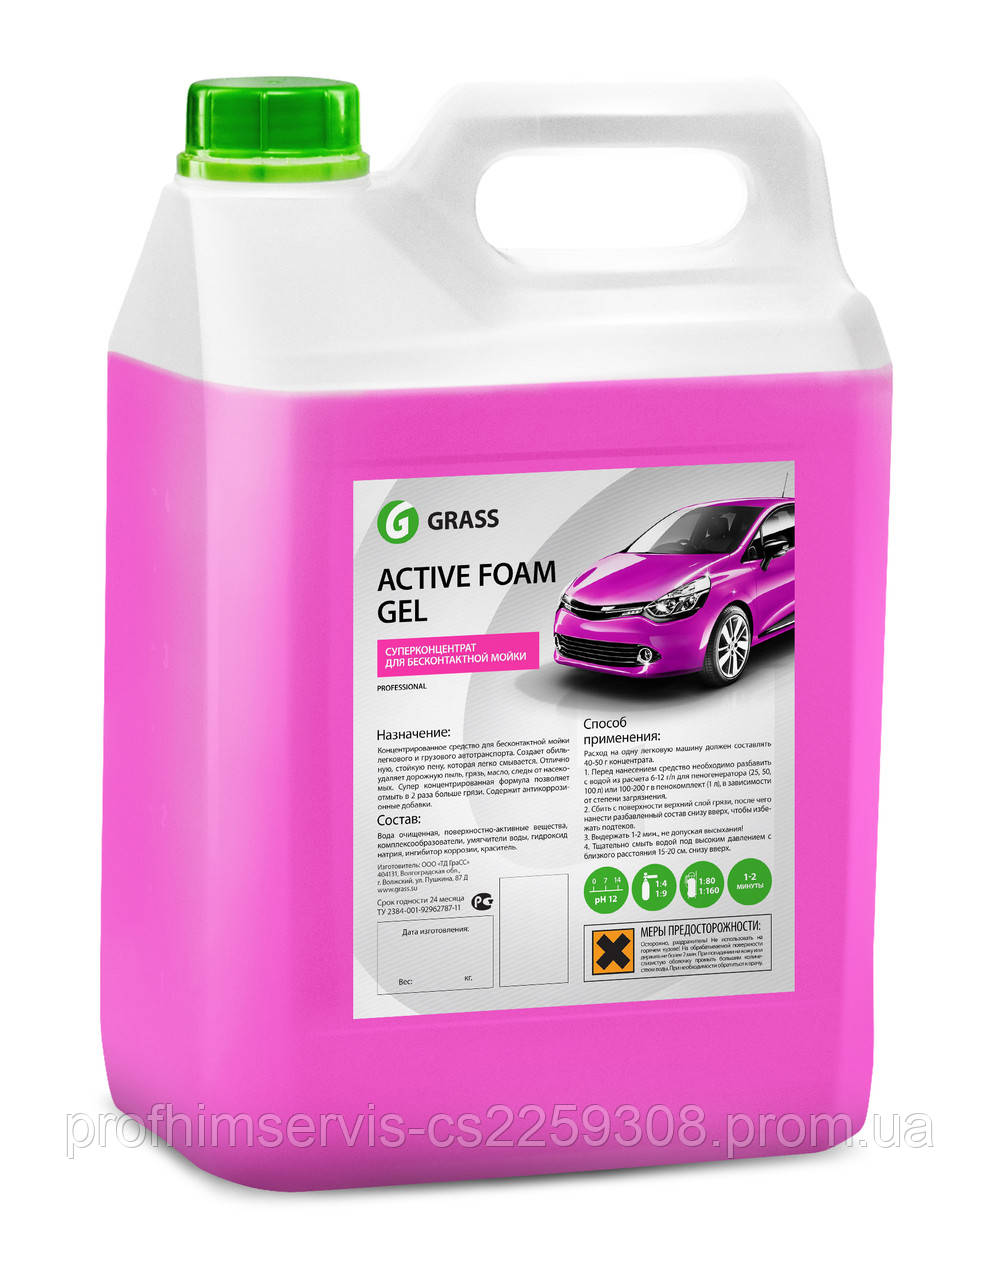 GRASS Авто шампунь для бесконтактной мойки авто Active Foam Gel 6 kg.